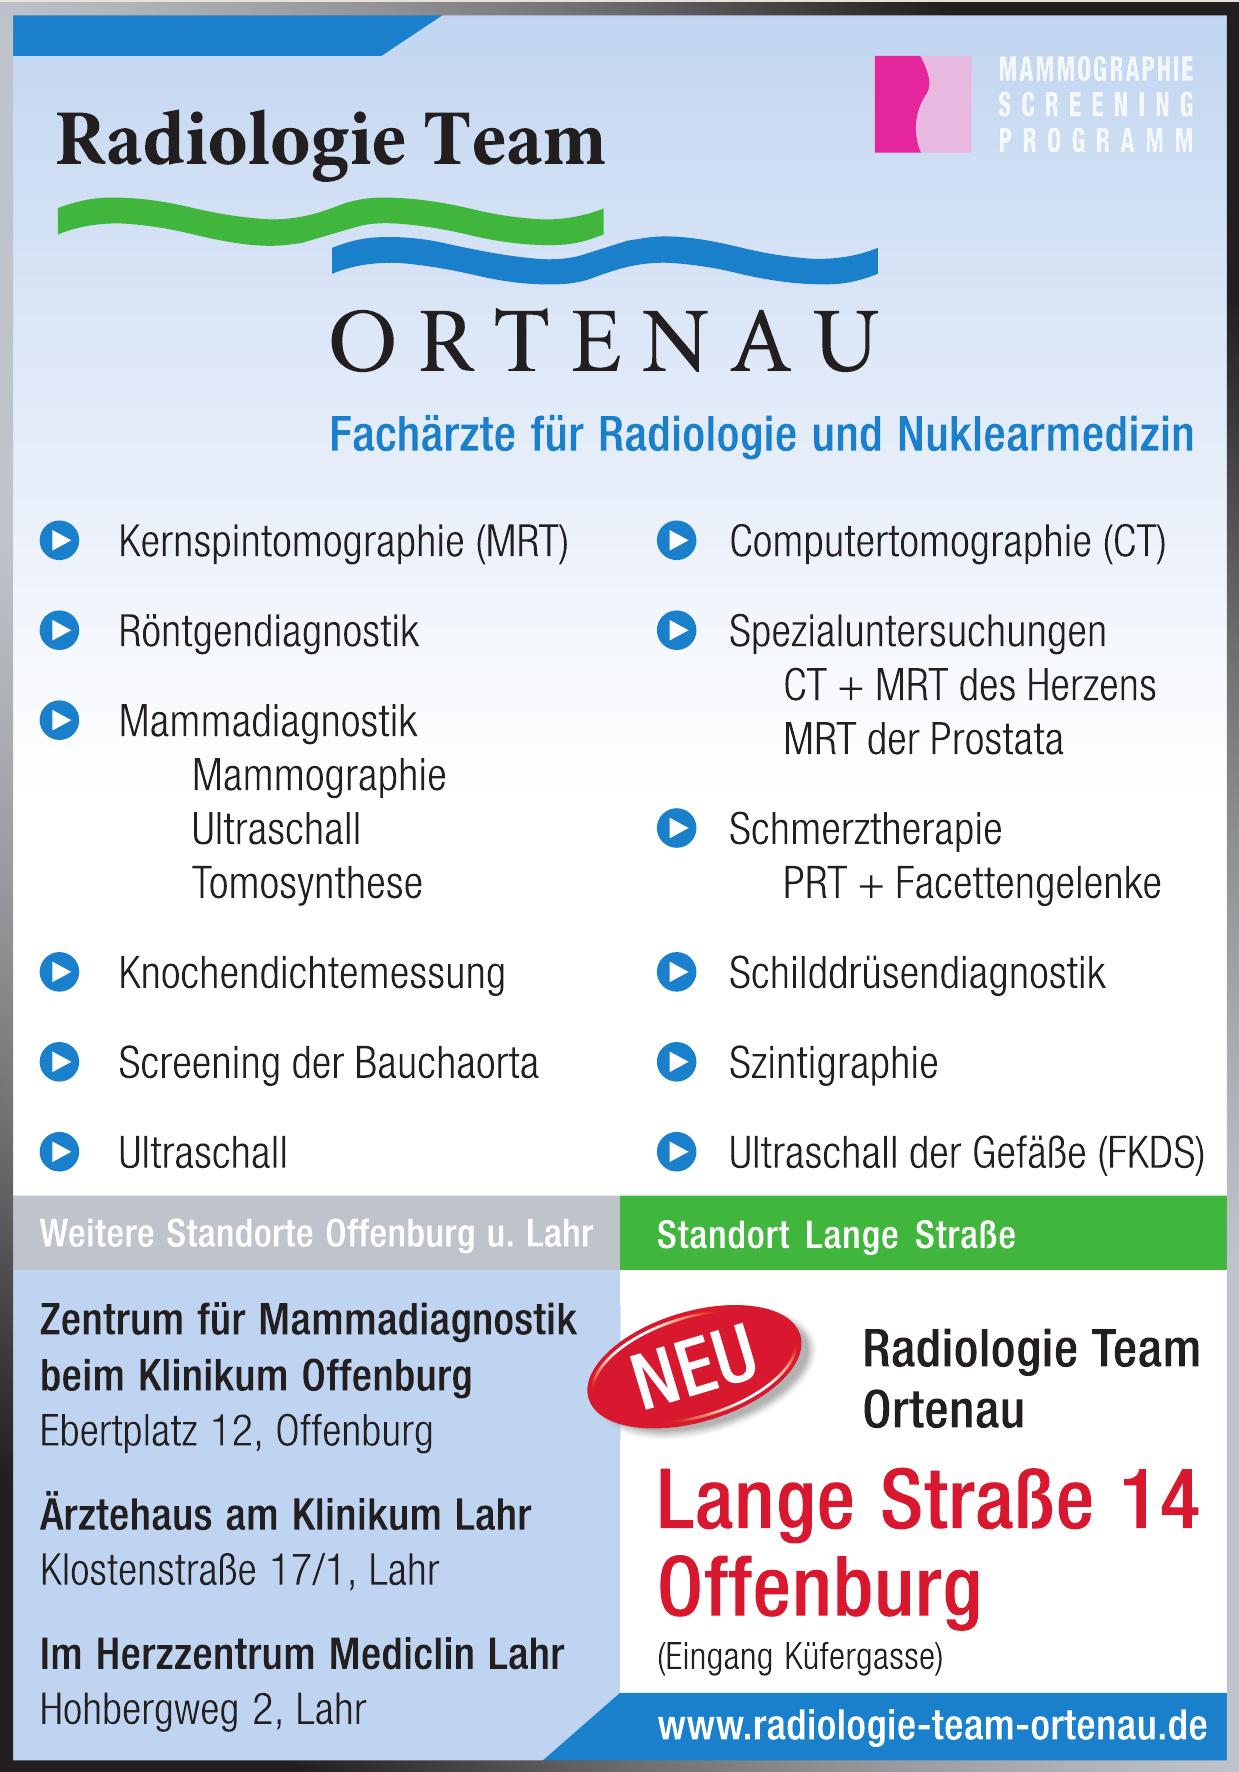 Radiologie Team Ortenau